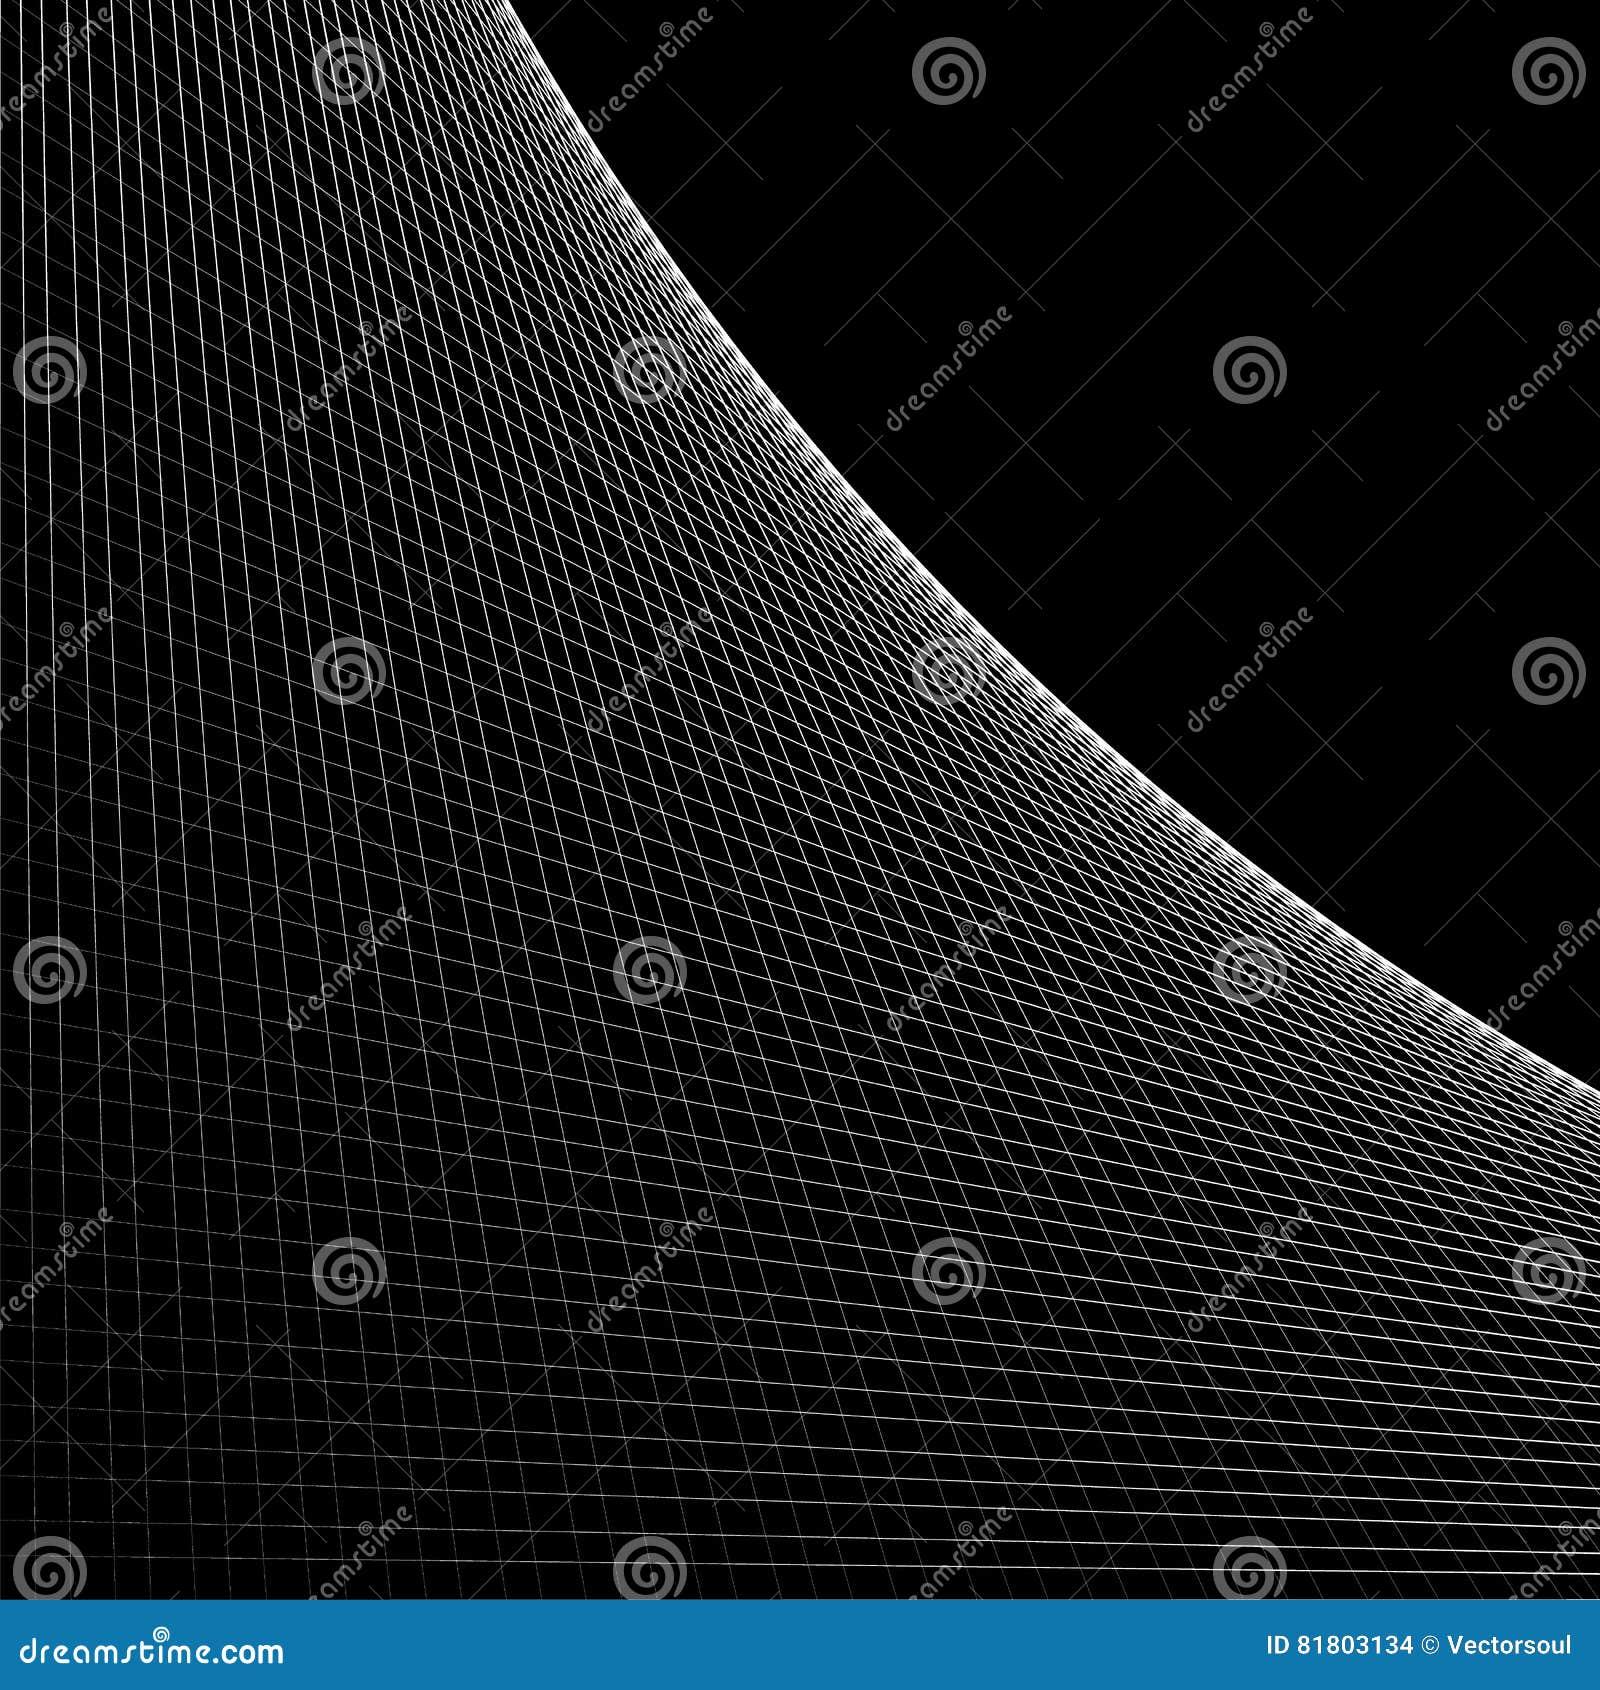 Решетка, сетка пересекать выравнивается с кривой, дугой распространяя от